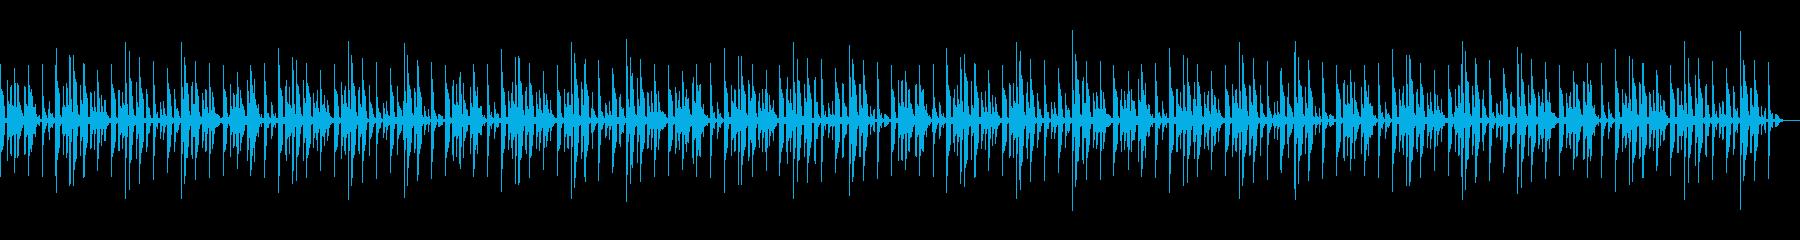 KANTお手軽エレクトロBGMの再生済みの波形